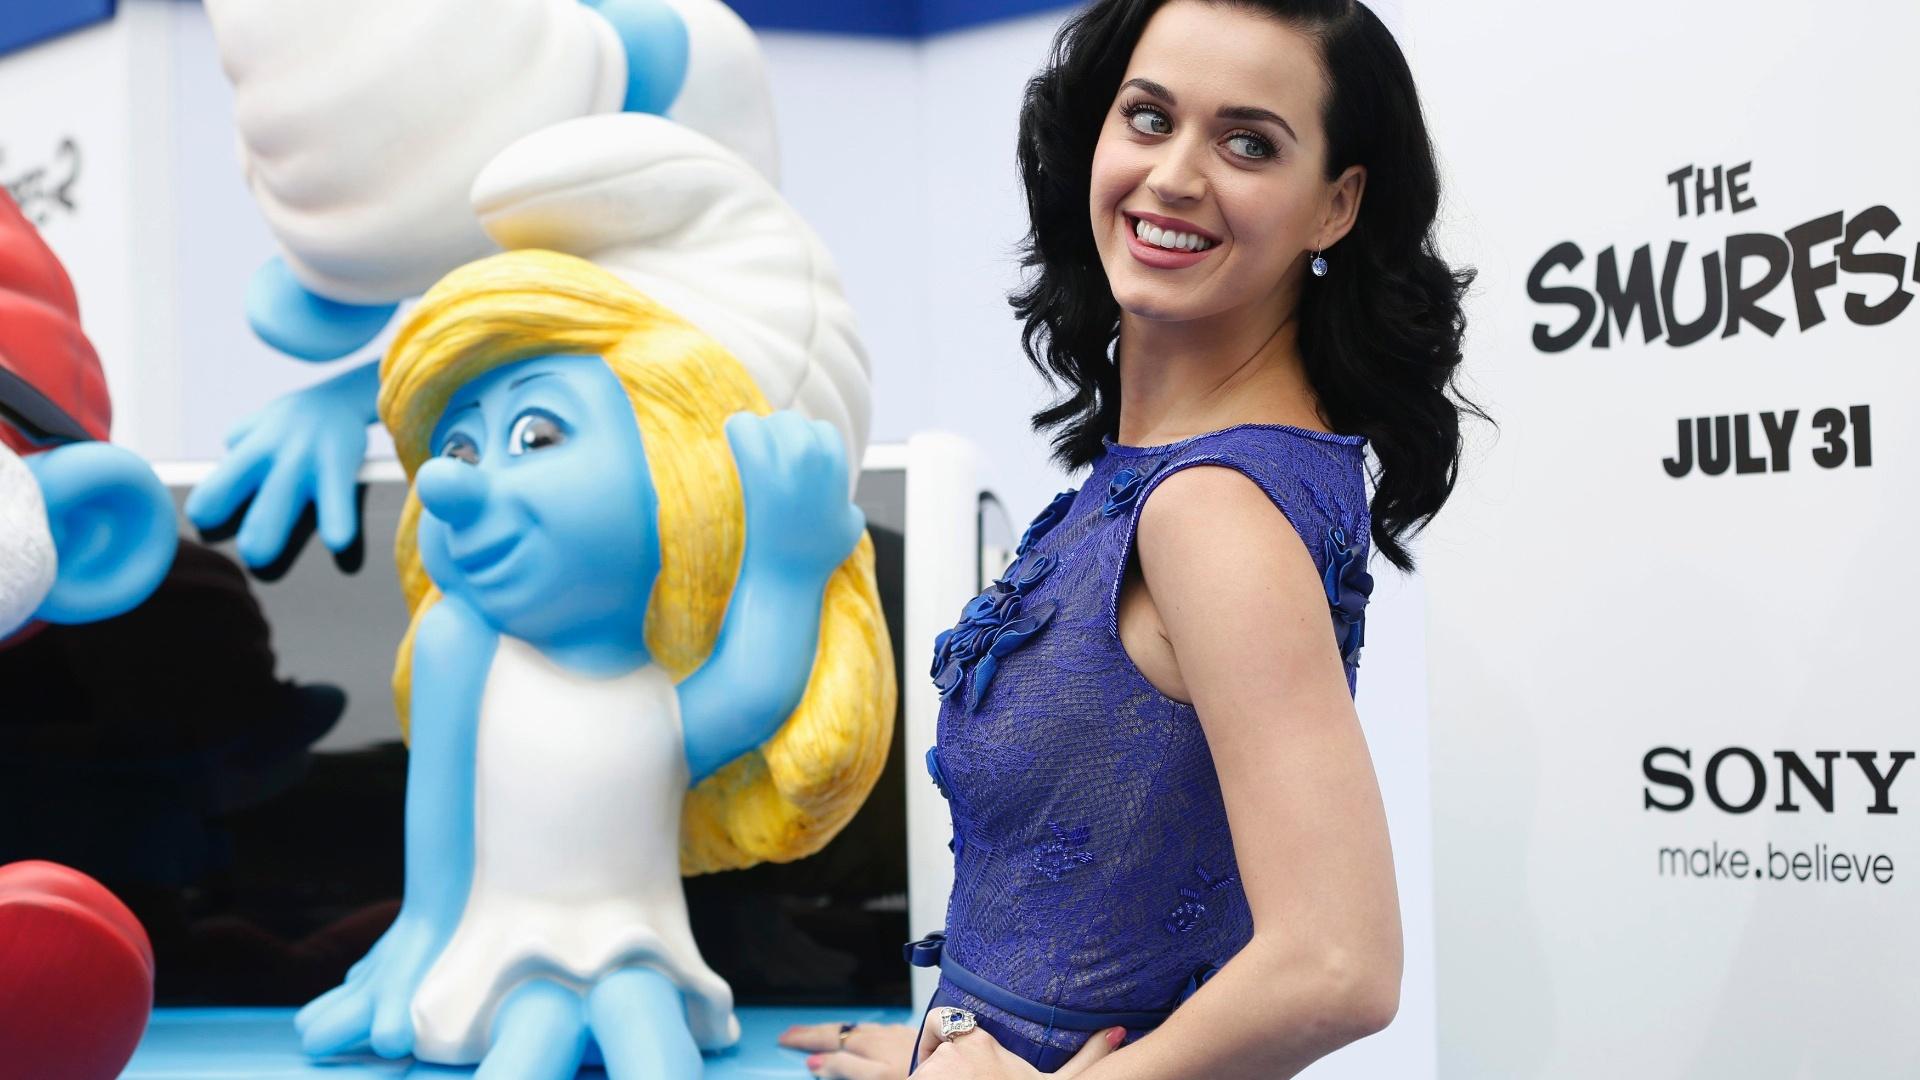 28.jul.2013 - Katy Perry, que dubla Smurfette, posa ao lado de sua personagem na pré-estreia do filme